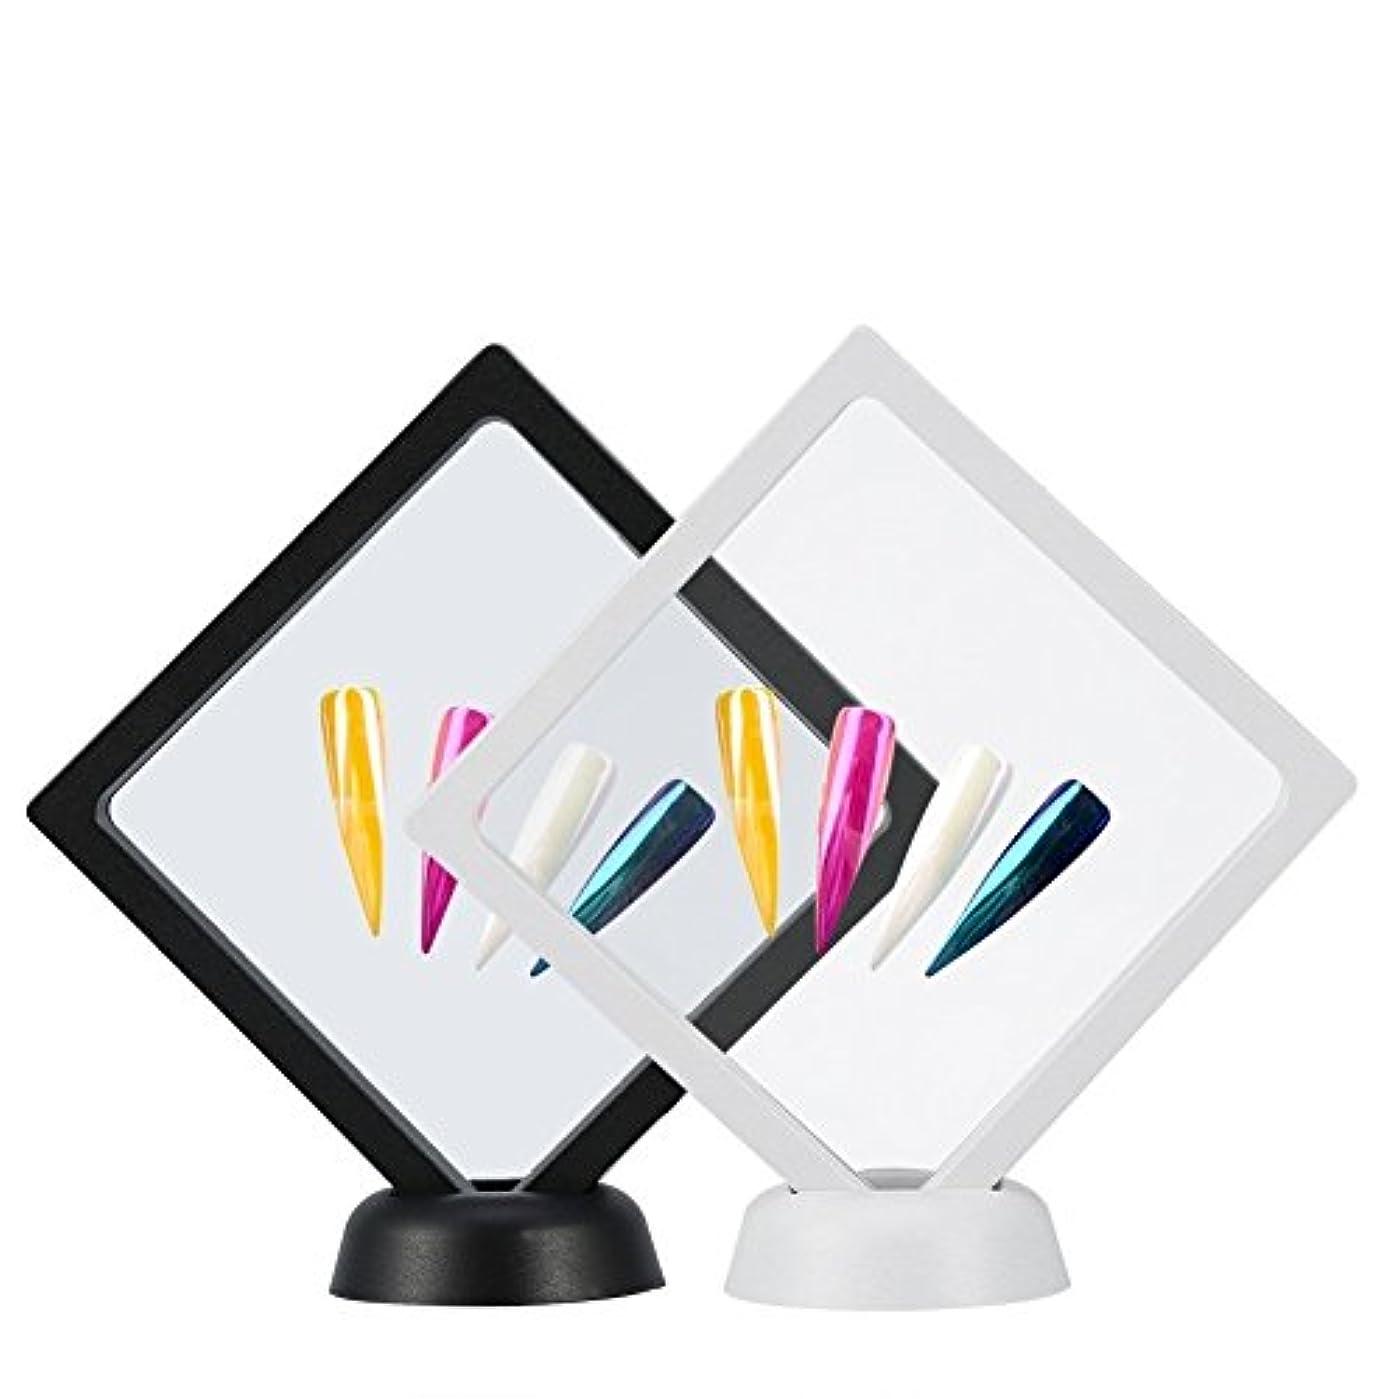 ギャングスター湿原識別Yosoo 2個入り ネイルチップ ディスプレイ スタンド マニキュア ネイルサンプル ホルダー ネイルカラーチャート ネイルテンプレート ネイルケア ネイルアートツール 組立て式 白+黒 展示用 自宅 サロン